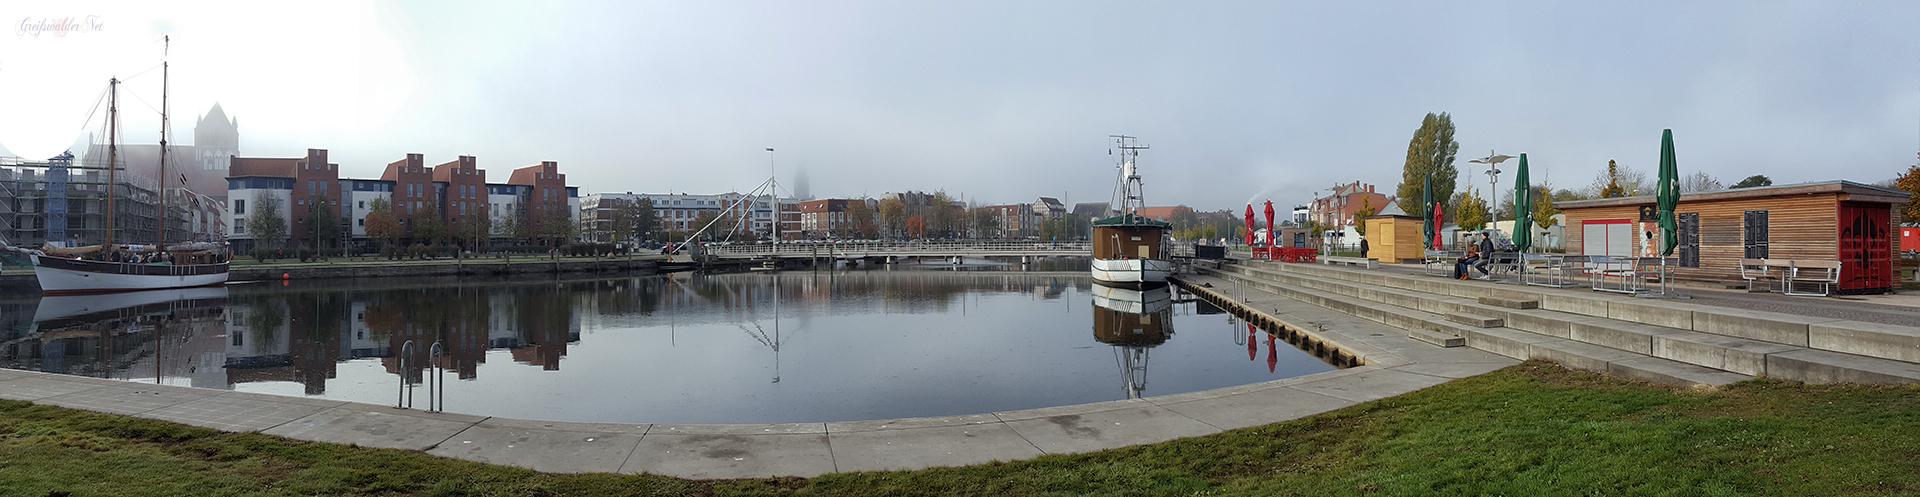 Oktobersonntag am Museumshafen in Greifswald